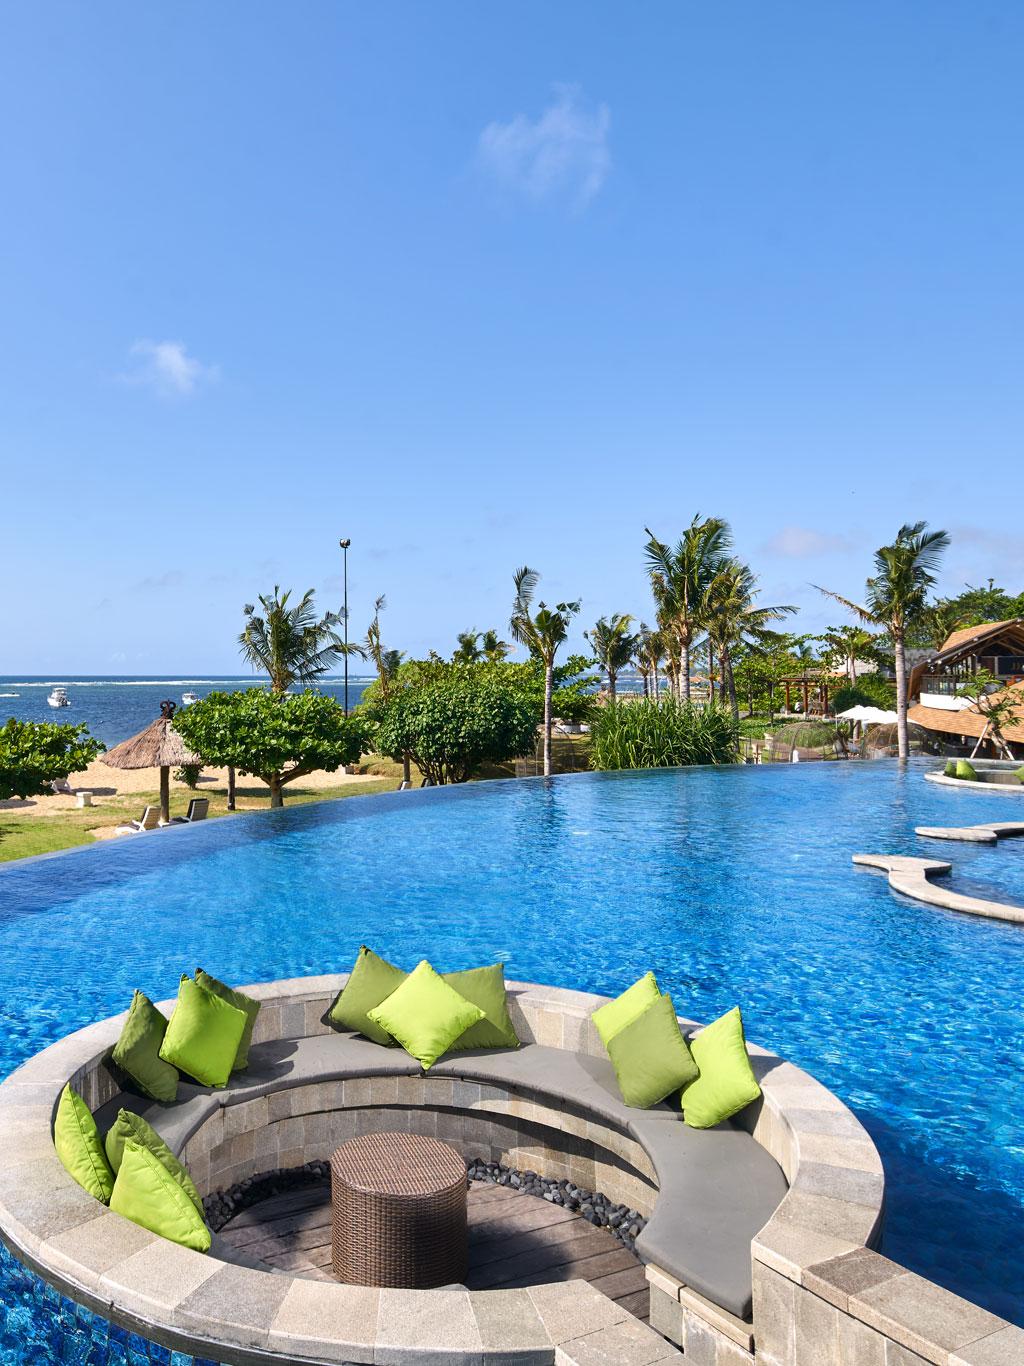 Bali Resort All Inclusive Grand Mirage Resort Beachfront Bali Resorts